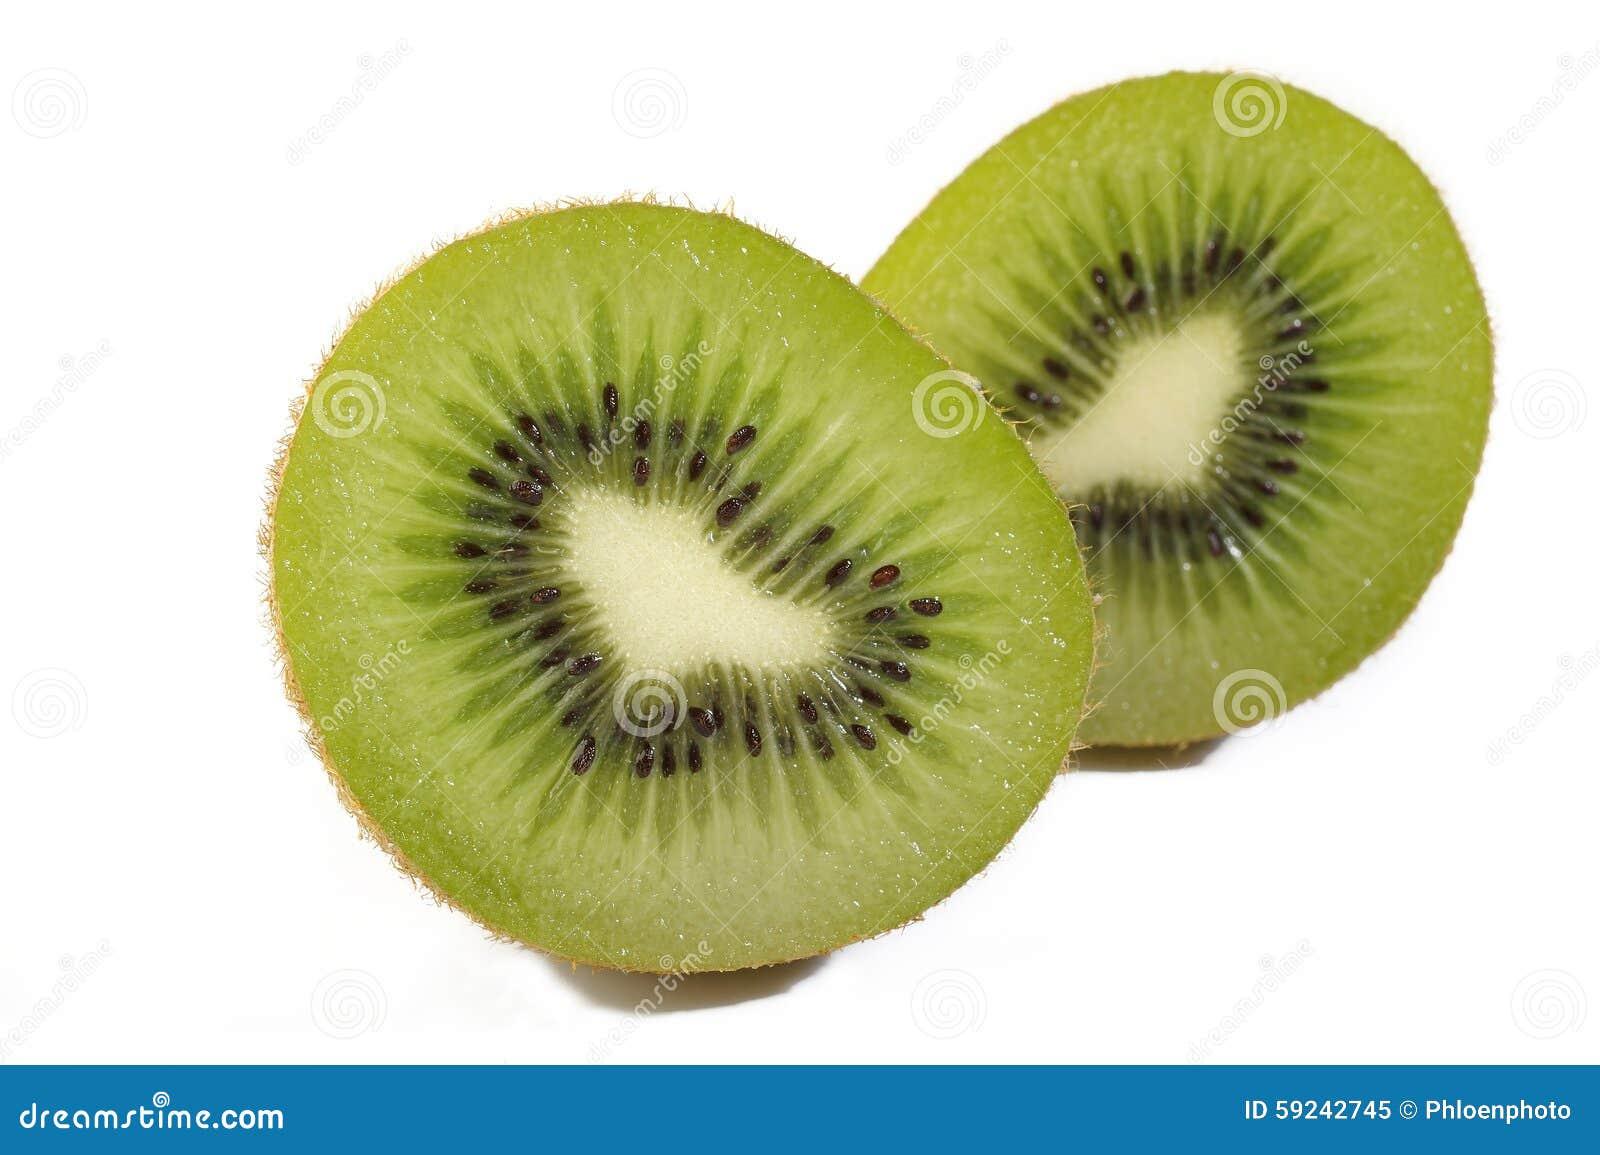 Download Fruta de kiwi en blanco imagen de archivo. Imagen de vitaminas - 59242745